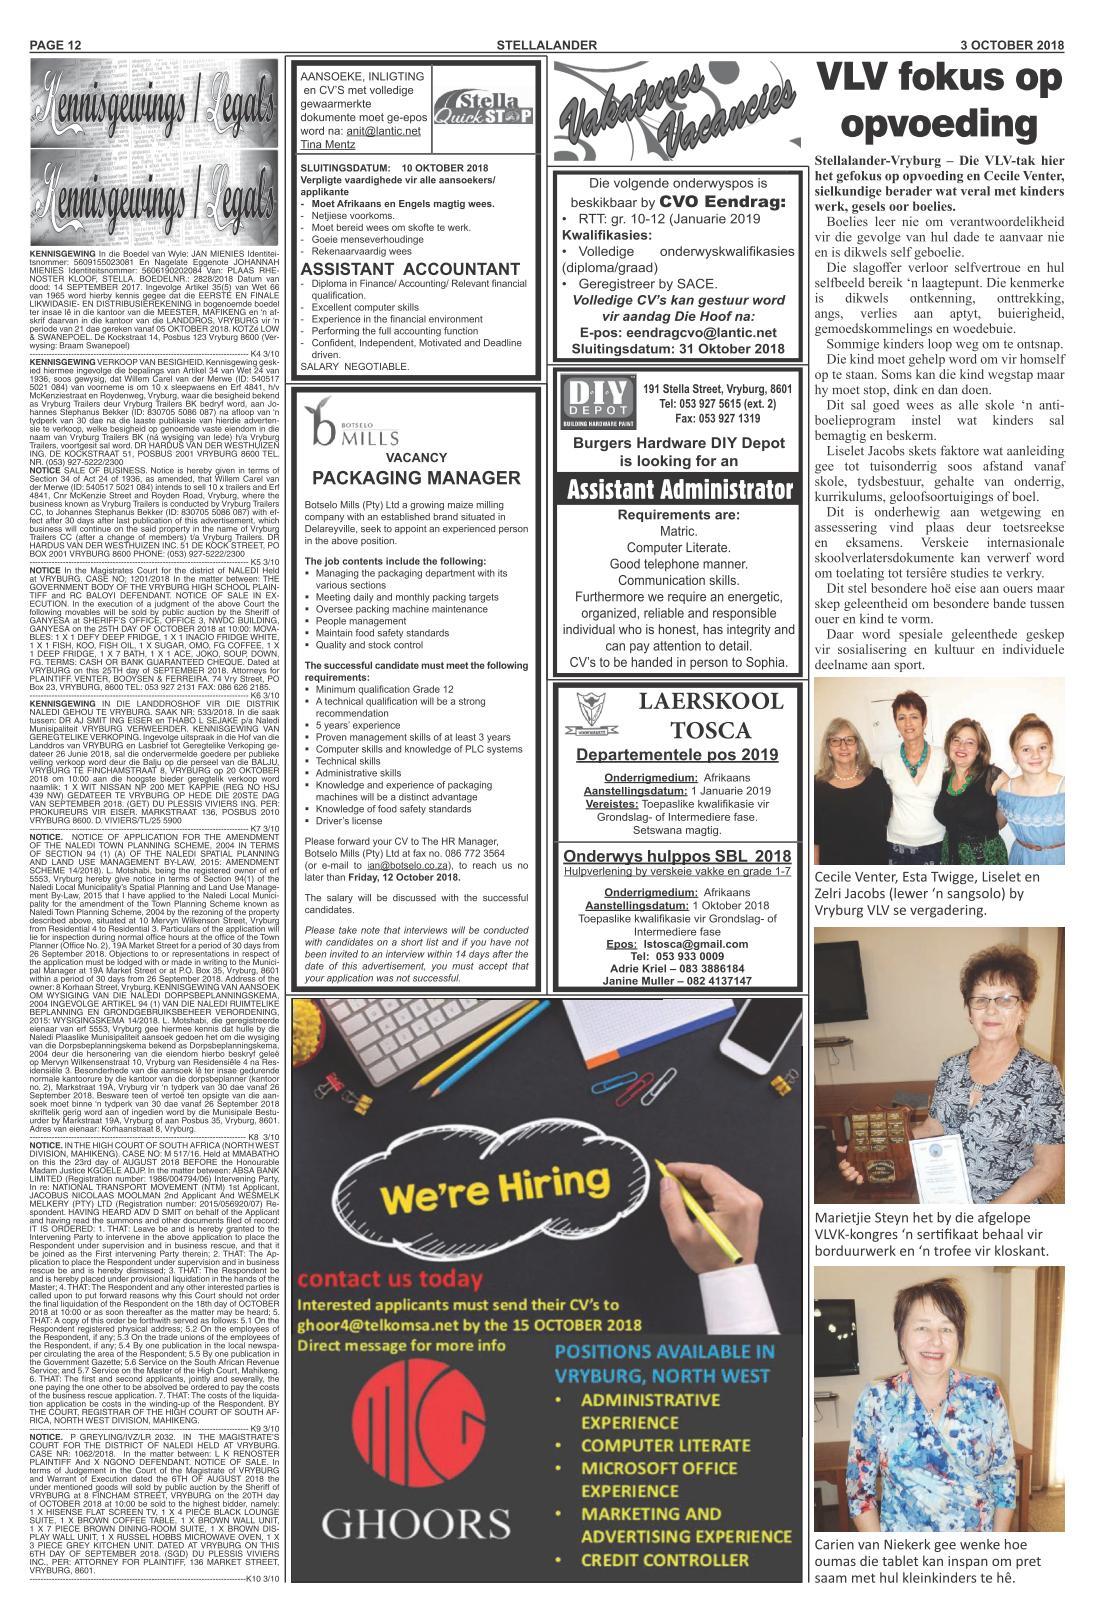 www salocalnewspapers co za - /newspapers/stellalander